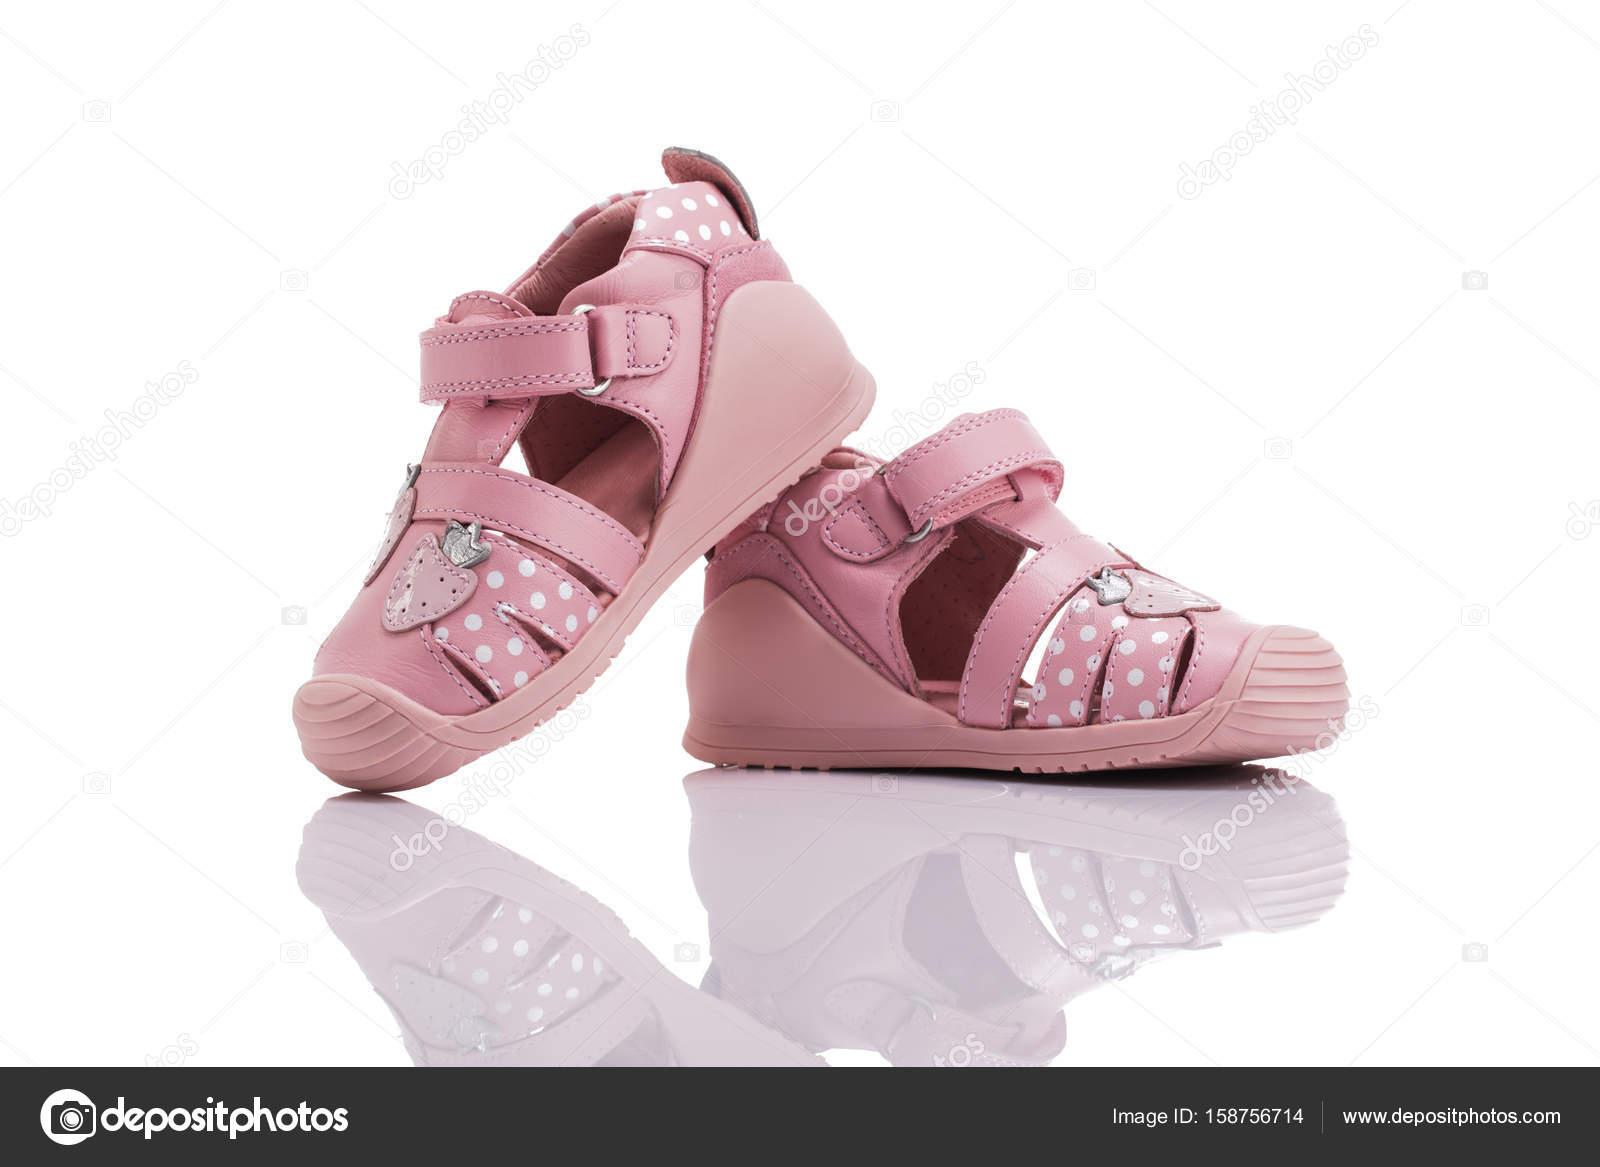 personalizzate vendite all'ingrosso più economico Sandali di cuoio ortopedico del bambino ragazza estate ...